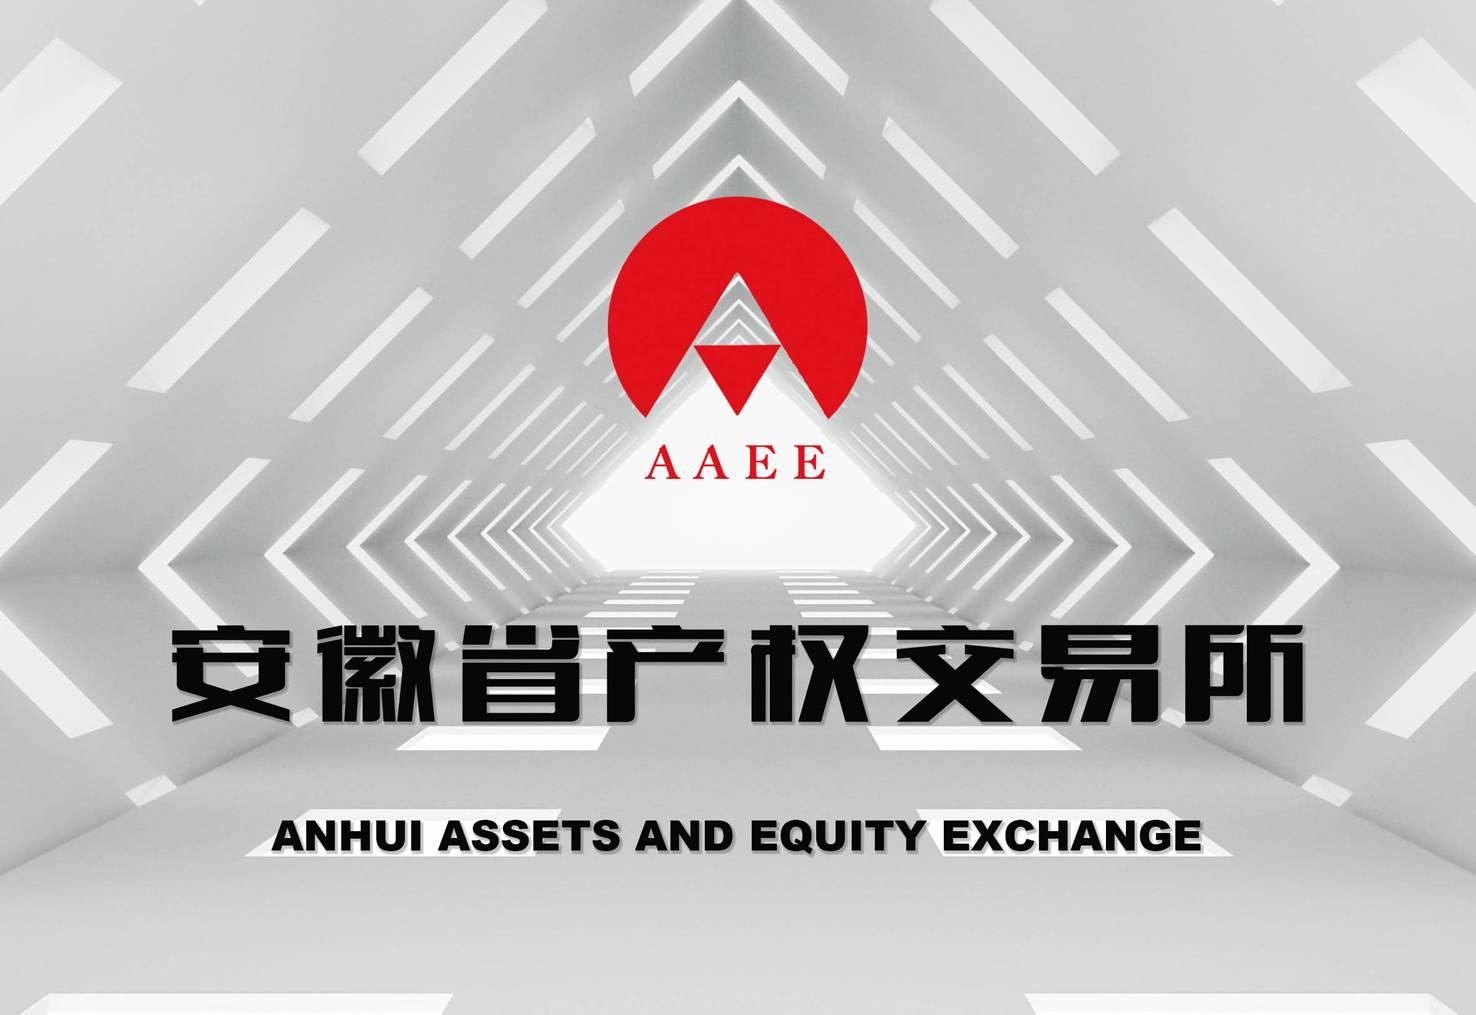 安徽产权交易中心